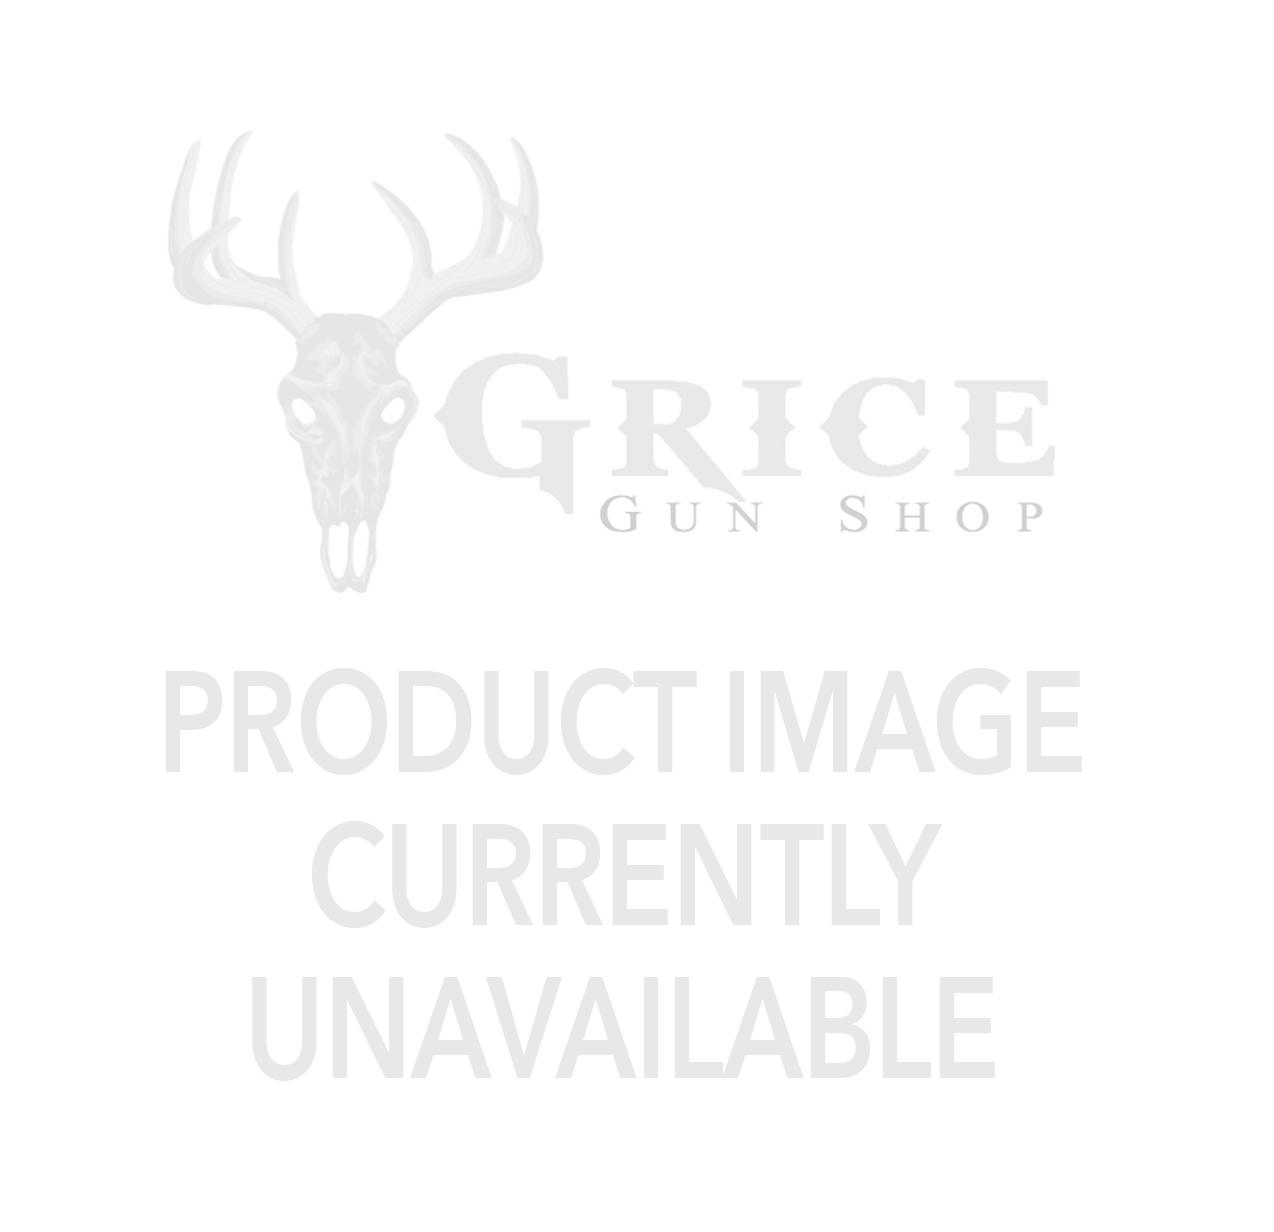 Tikka - T3x Lite Compact 6.5 Creedmoor